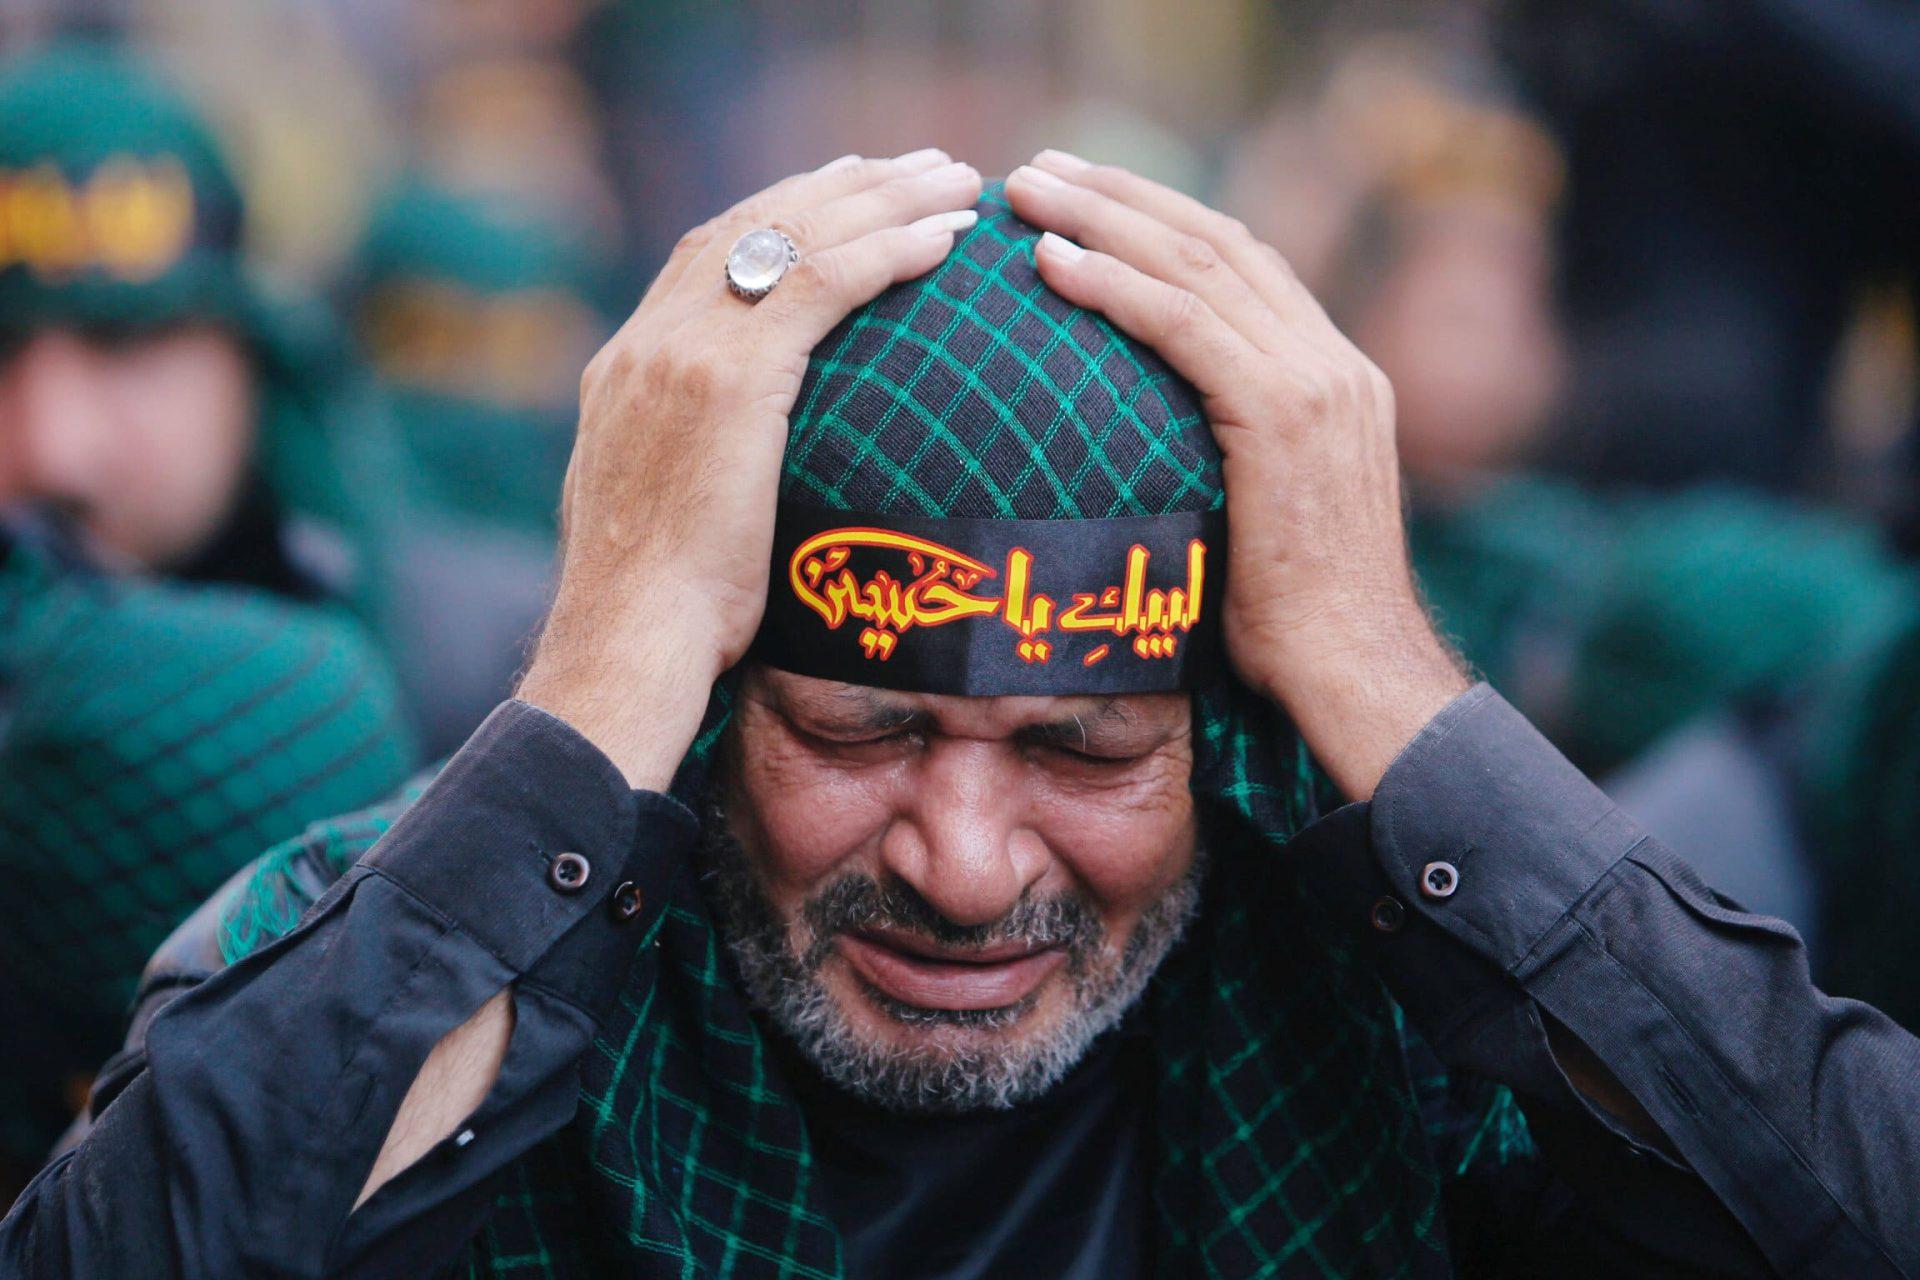 مسؤولون مغاربة بعثوا برسالة للإدارة الامريكية وكشفوا ماذا تفعل إيران في افريقيا